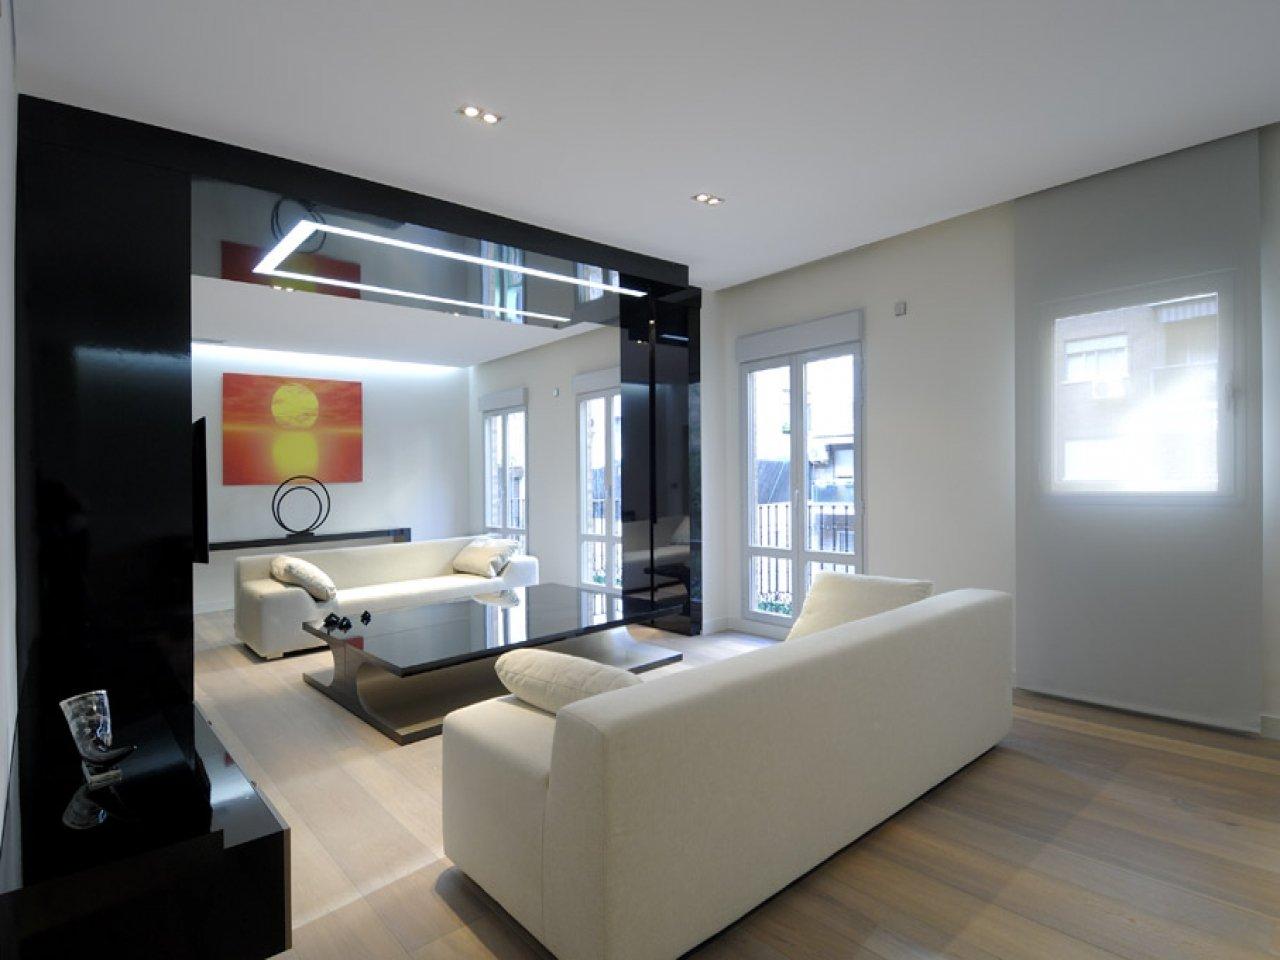 гостиная в стиле хай тек дизайн идеи